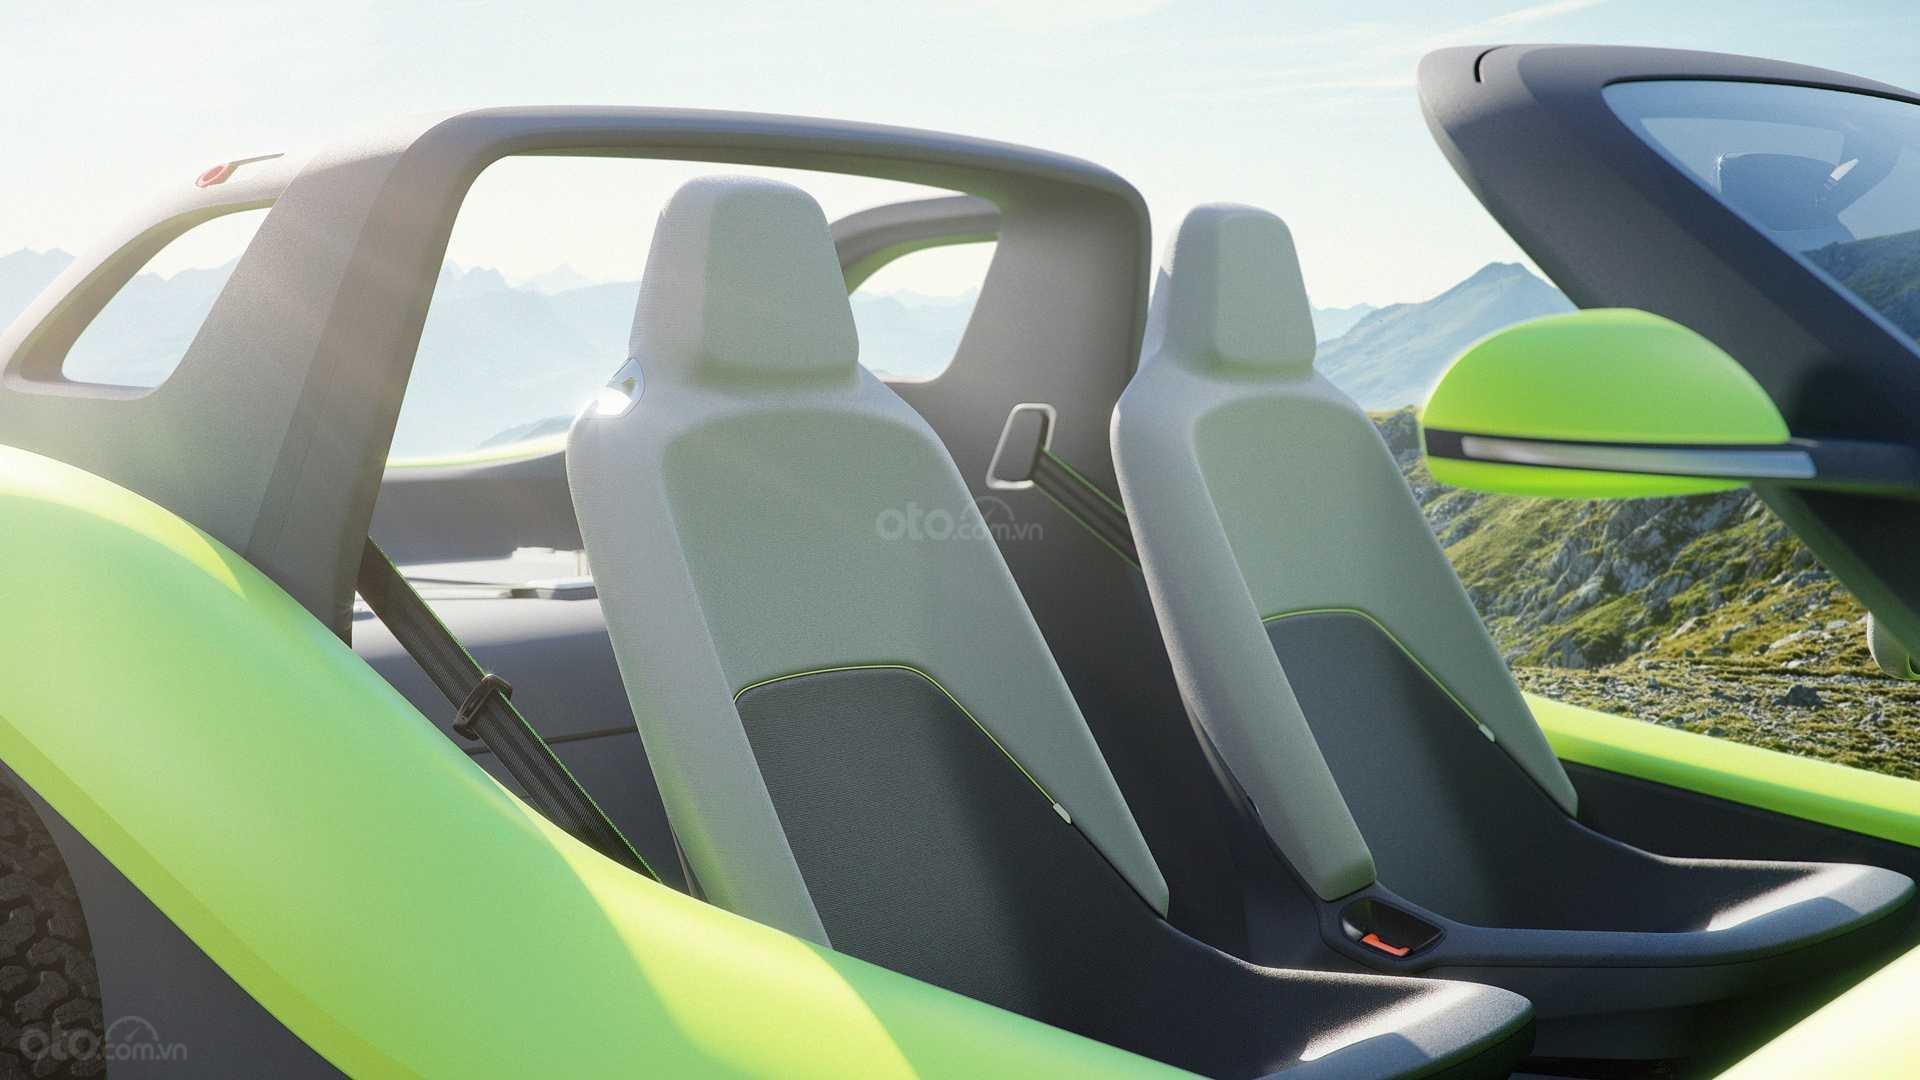 Volkswagen I.D. Buggy Concept ghế ngồi